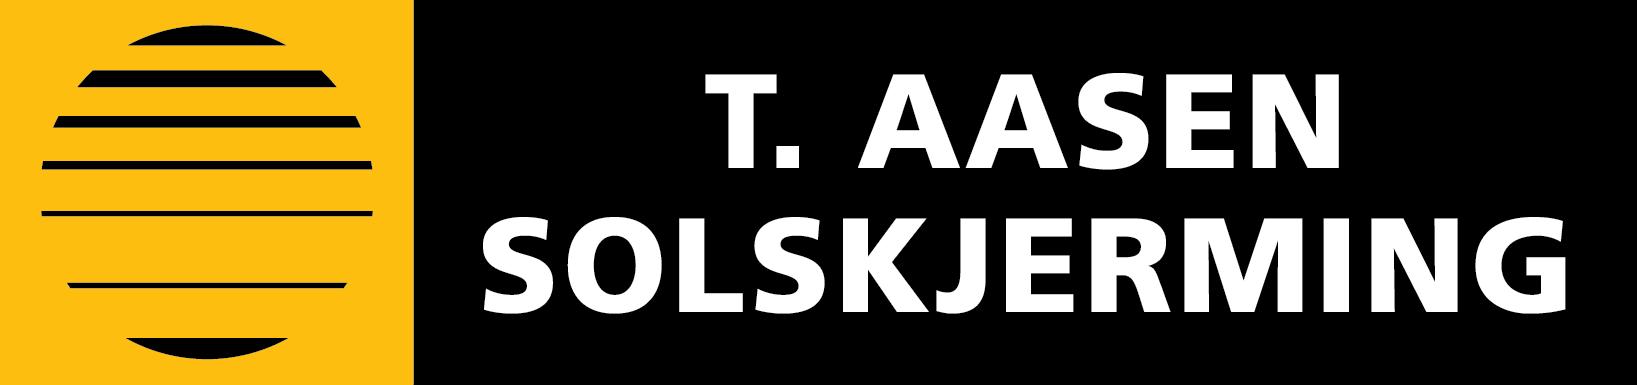 T. Aasen Solskjerming